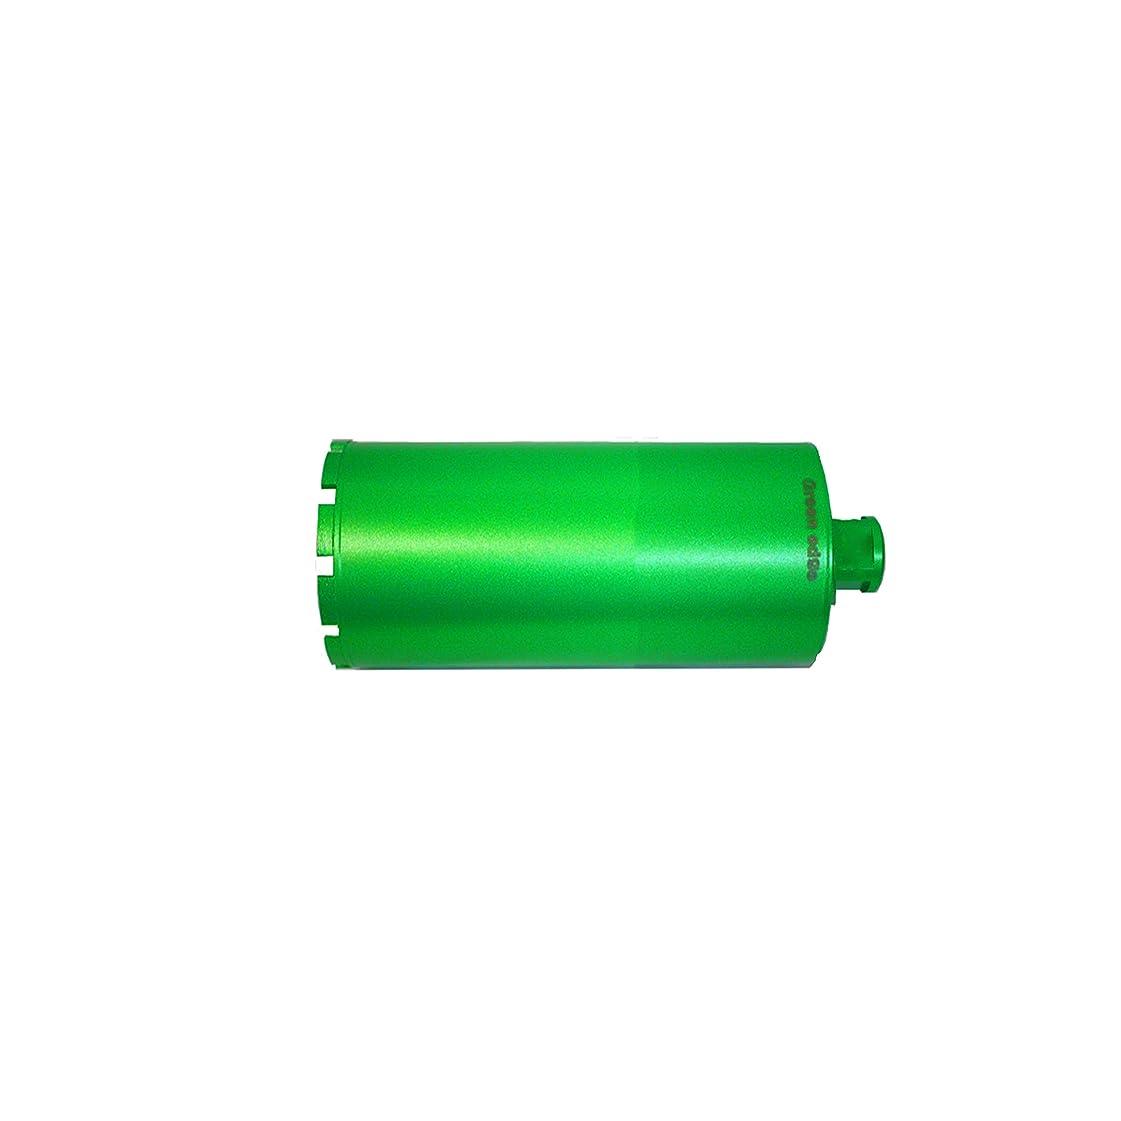 狐油敵Φ160ダイヤモンドコアビット【Green edge】湿式 (Cロット有効長250mm)